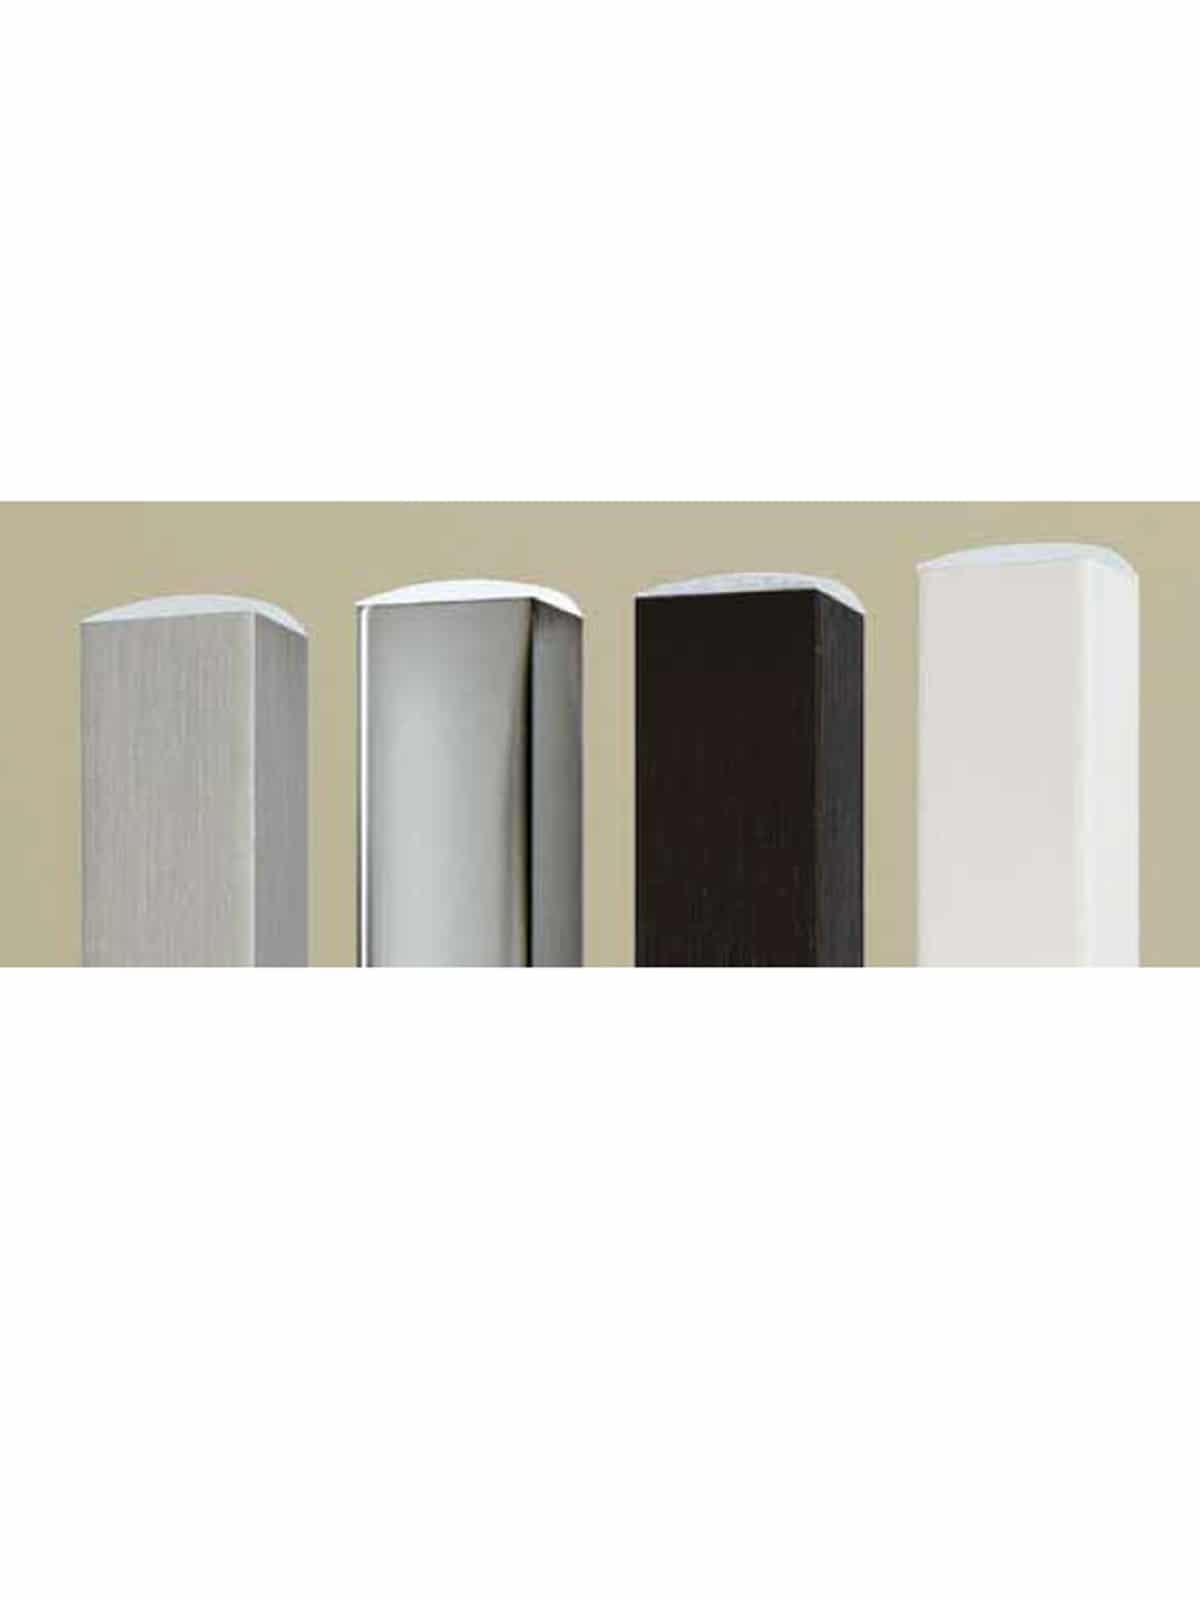 BYOK Leuchten Farben DesignOrt Onlineshop Lampen